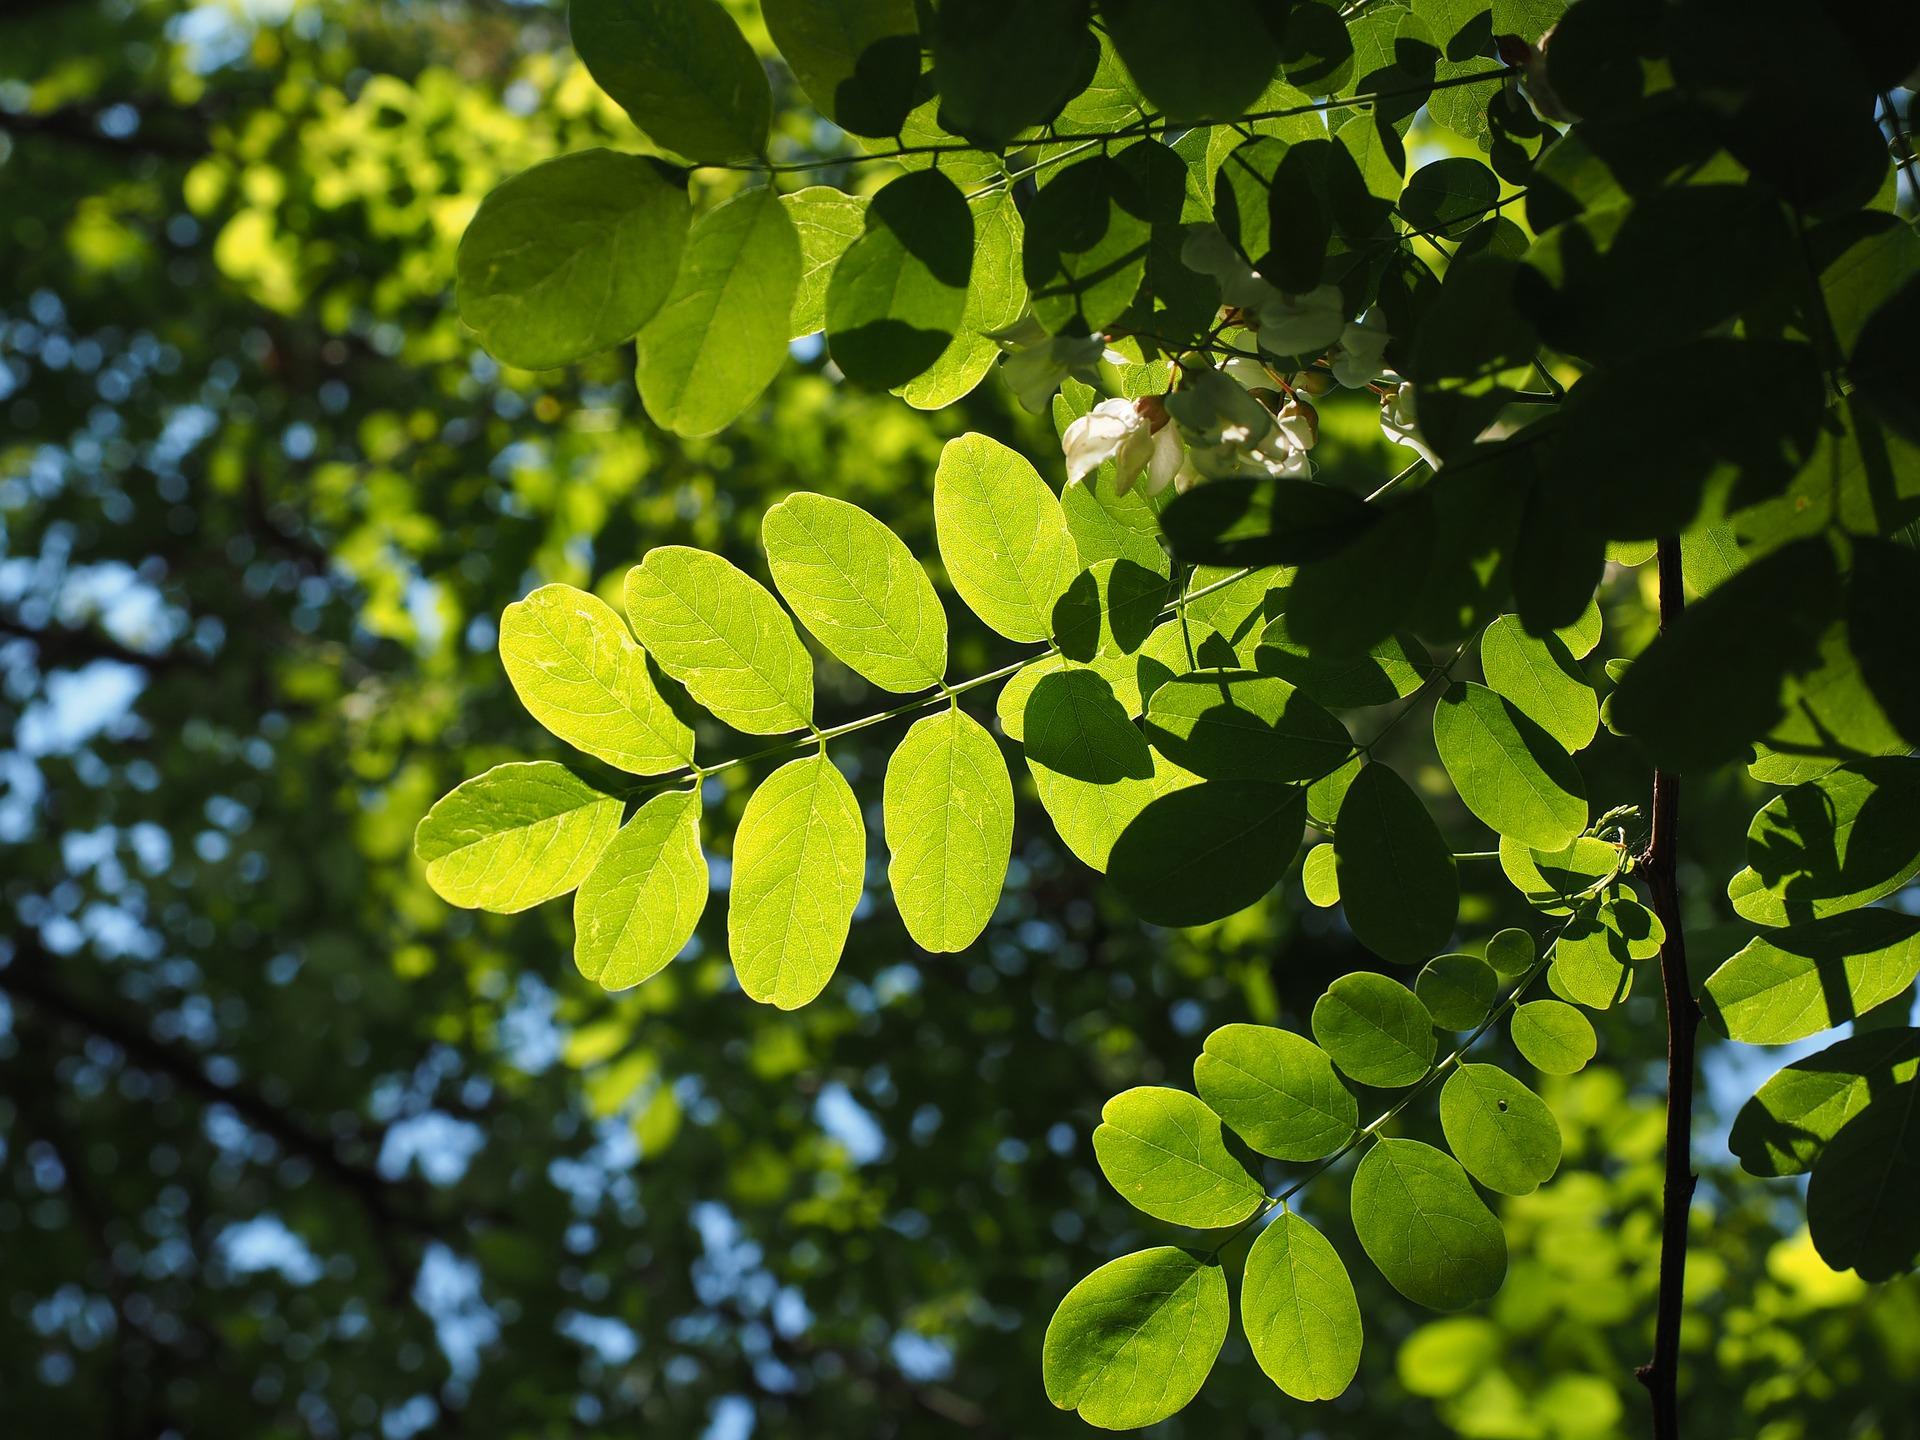 初夏の緑の葉